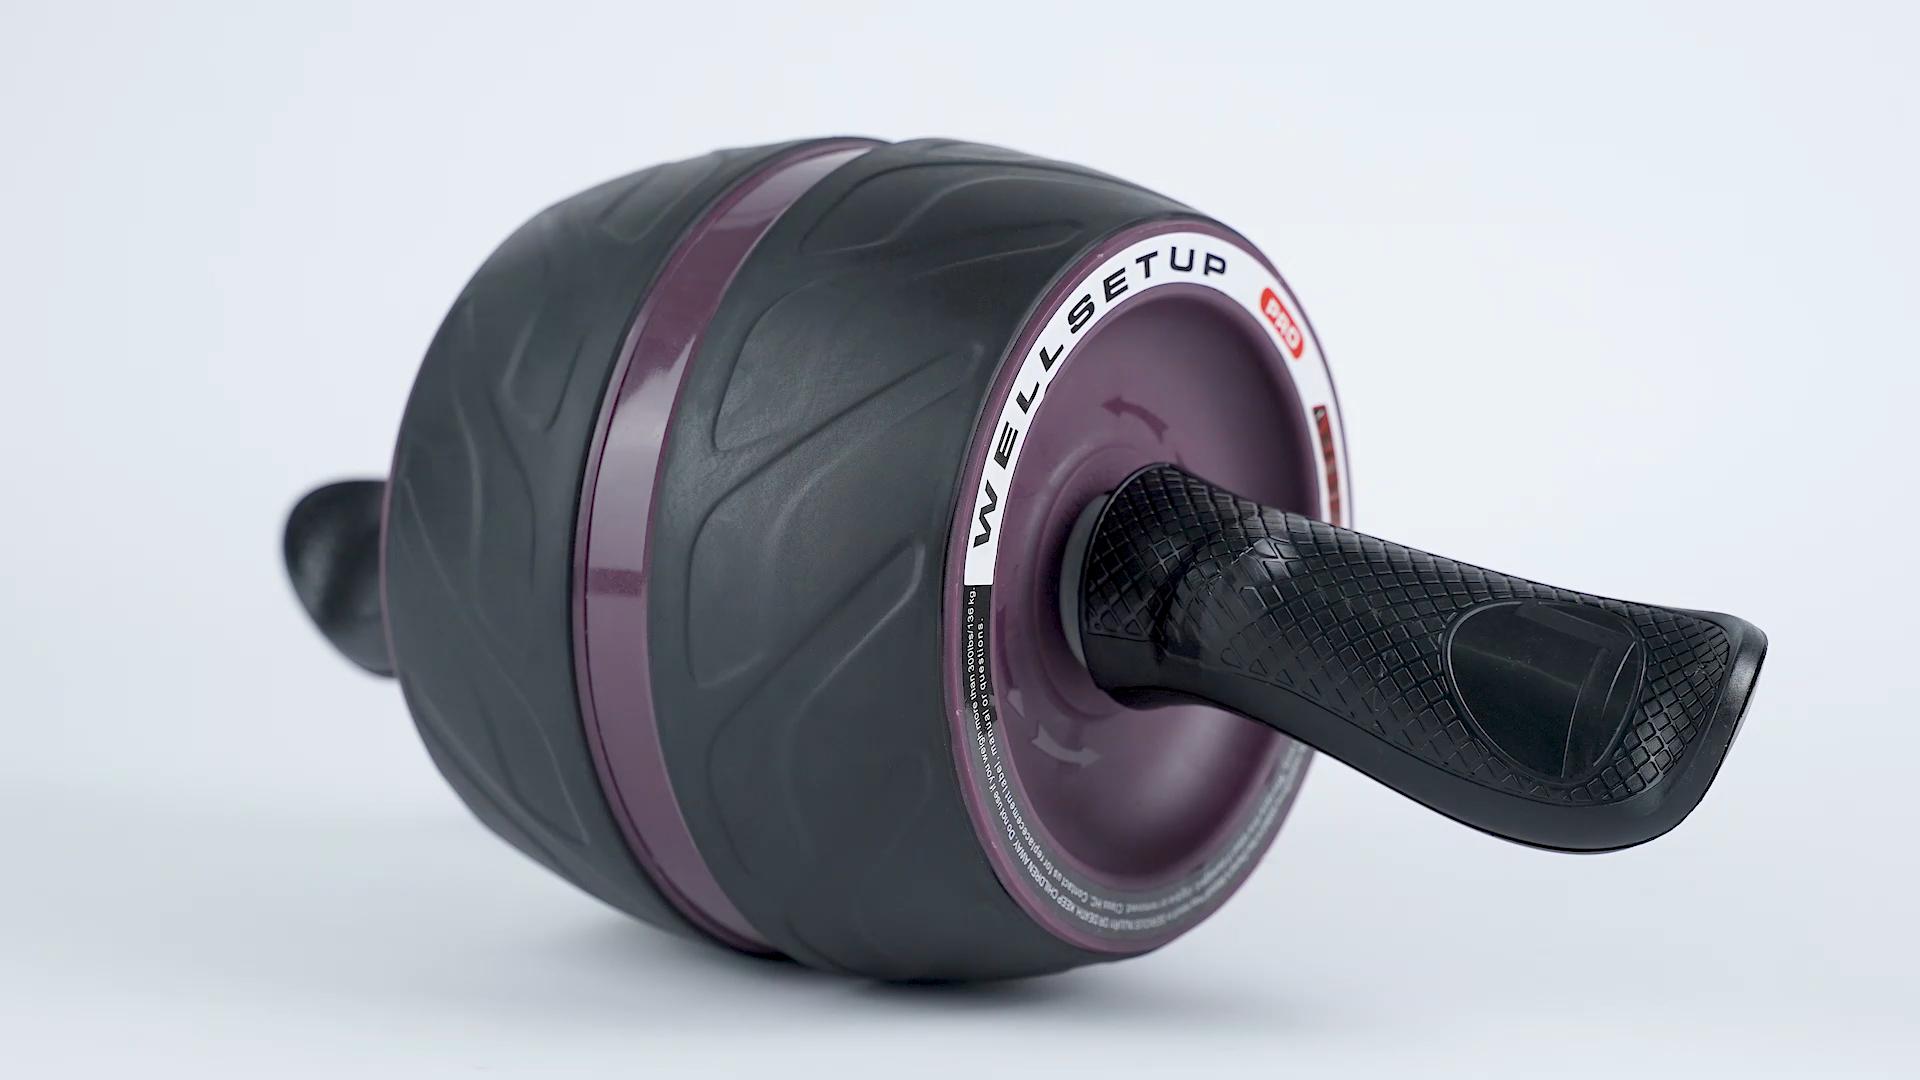 AB Roller esercizio ruota di scorrimento set kit con il ginocchio pad mat